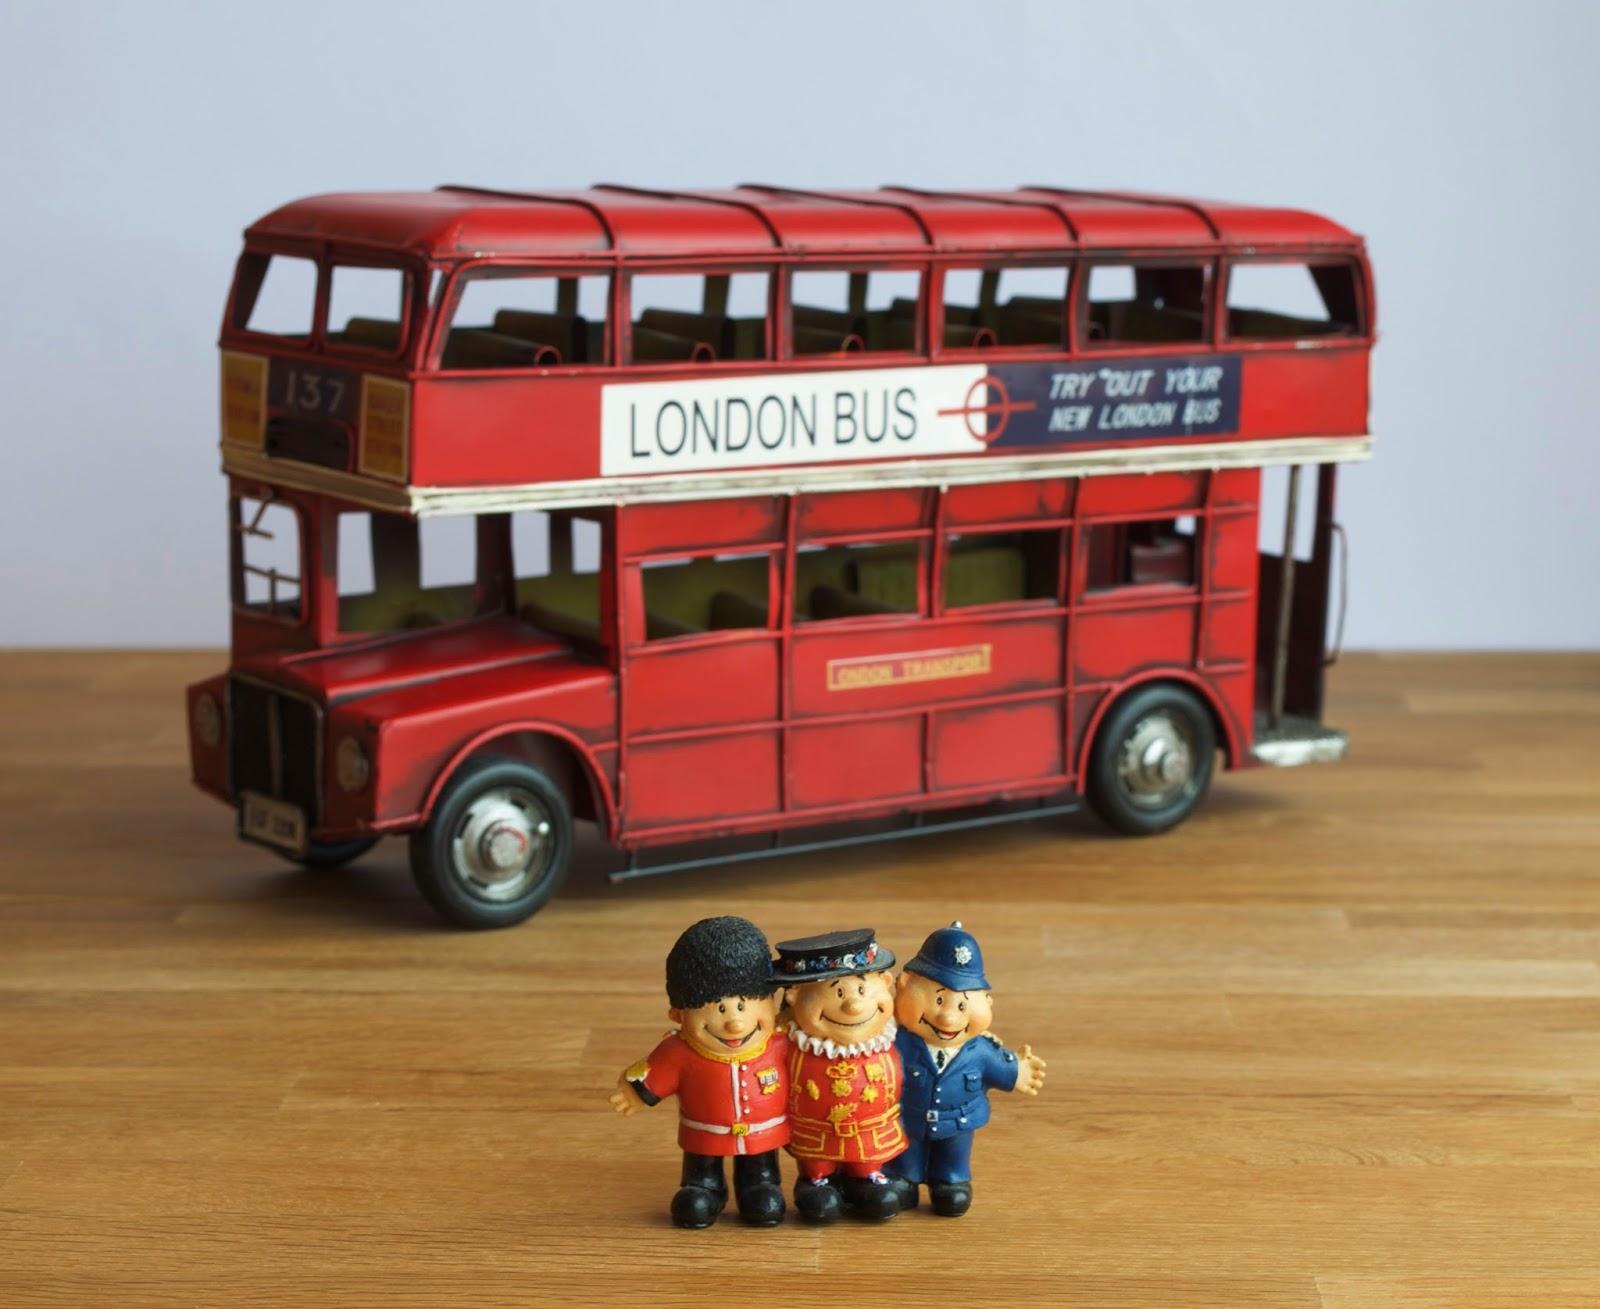 Plum cake de frutas del bosque, en esta foto están el autobús tan típico londinense y los tres gorditos policías